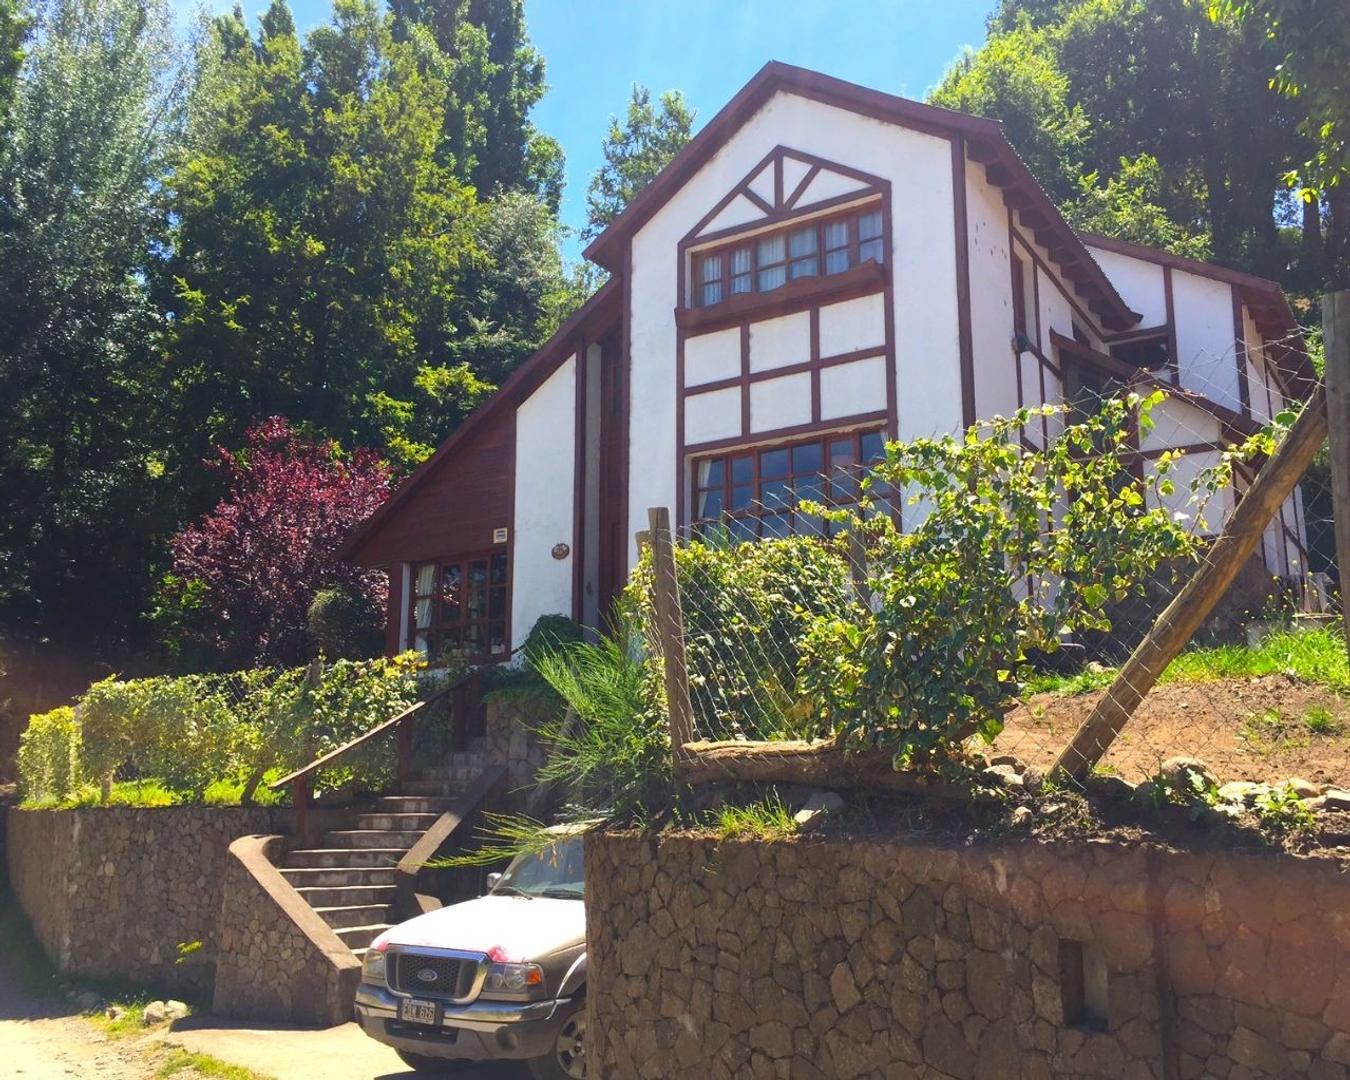 Casa  en Venta ubicado en Altos del Sol, San Martin de los Andes - SMA1204_LP159921_1